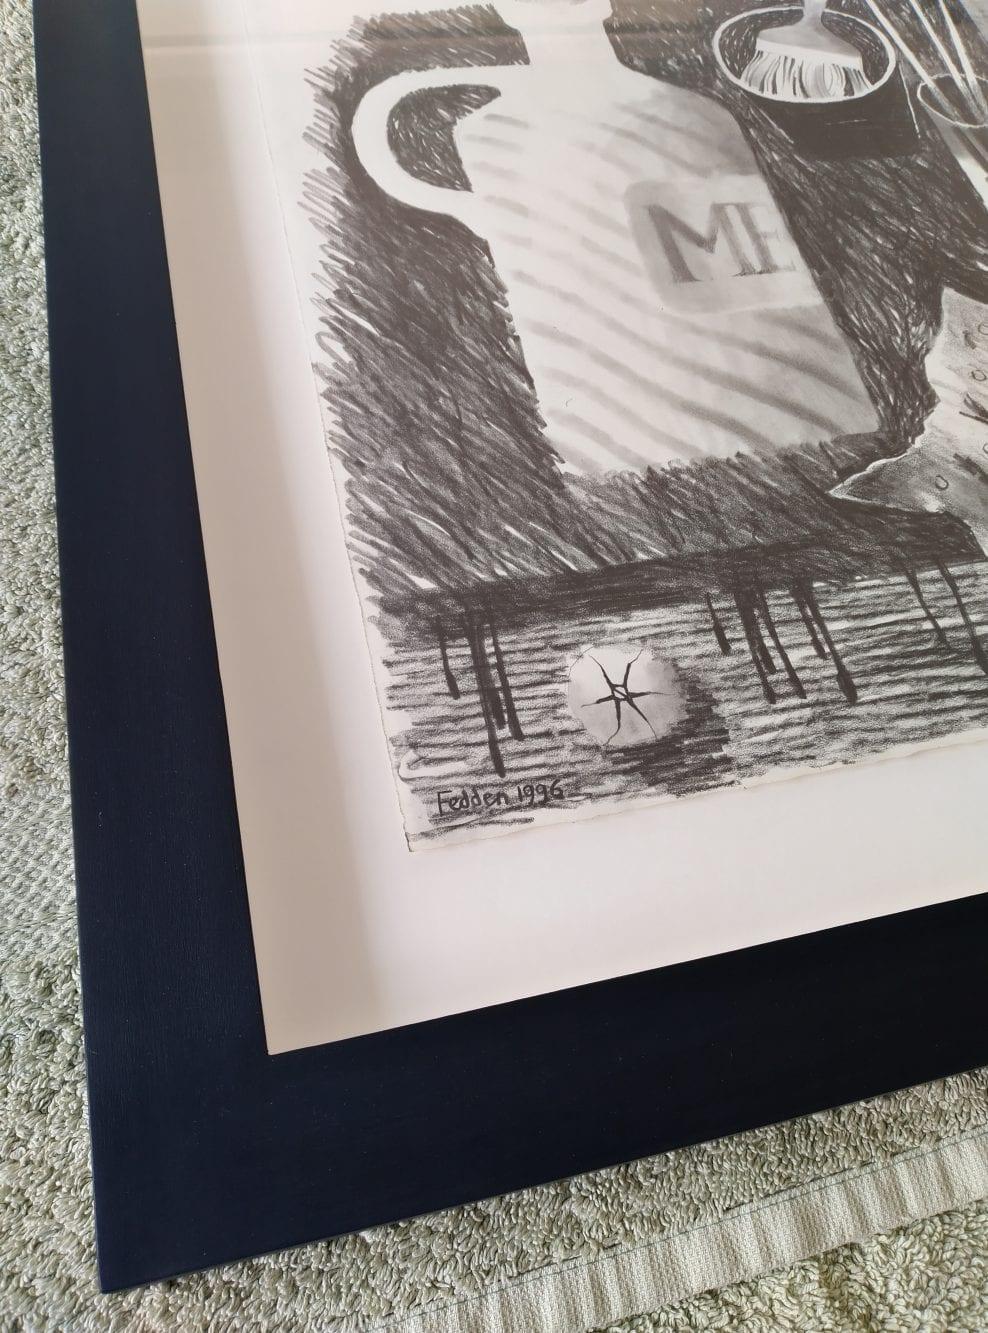 Mary Fedden pencil drawing and a Frank Brangwyn ink sketch